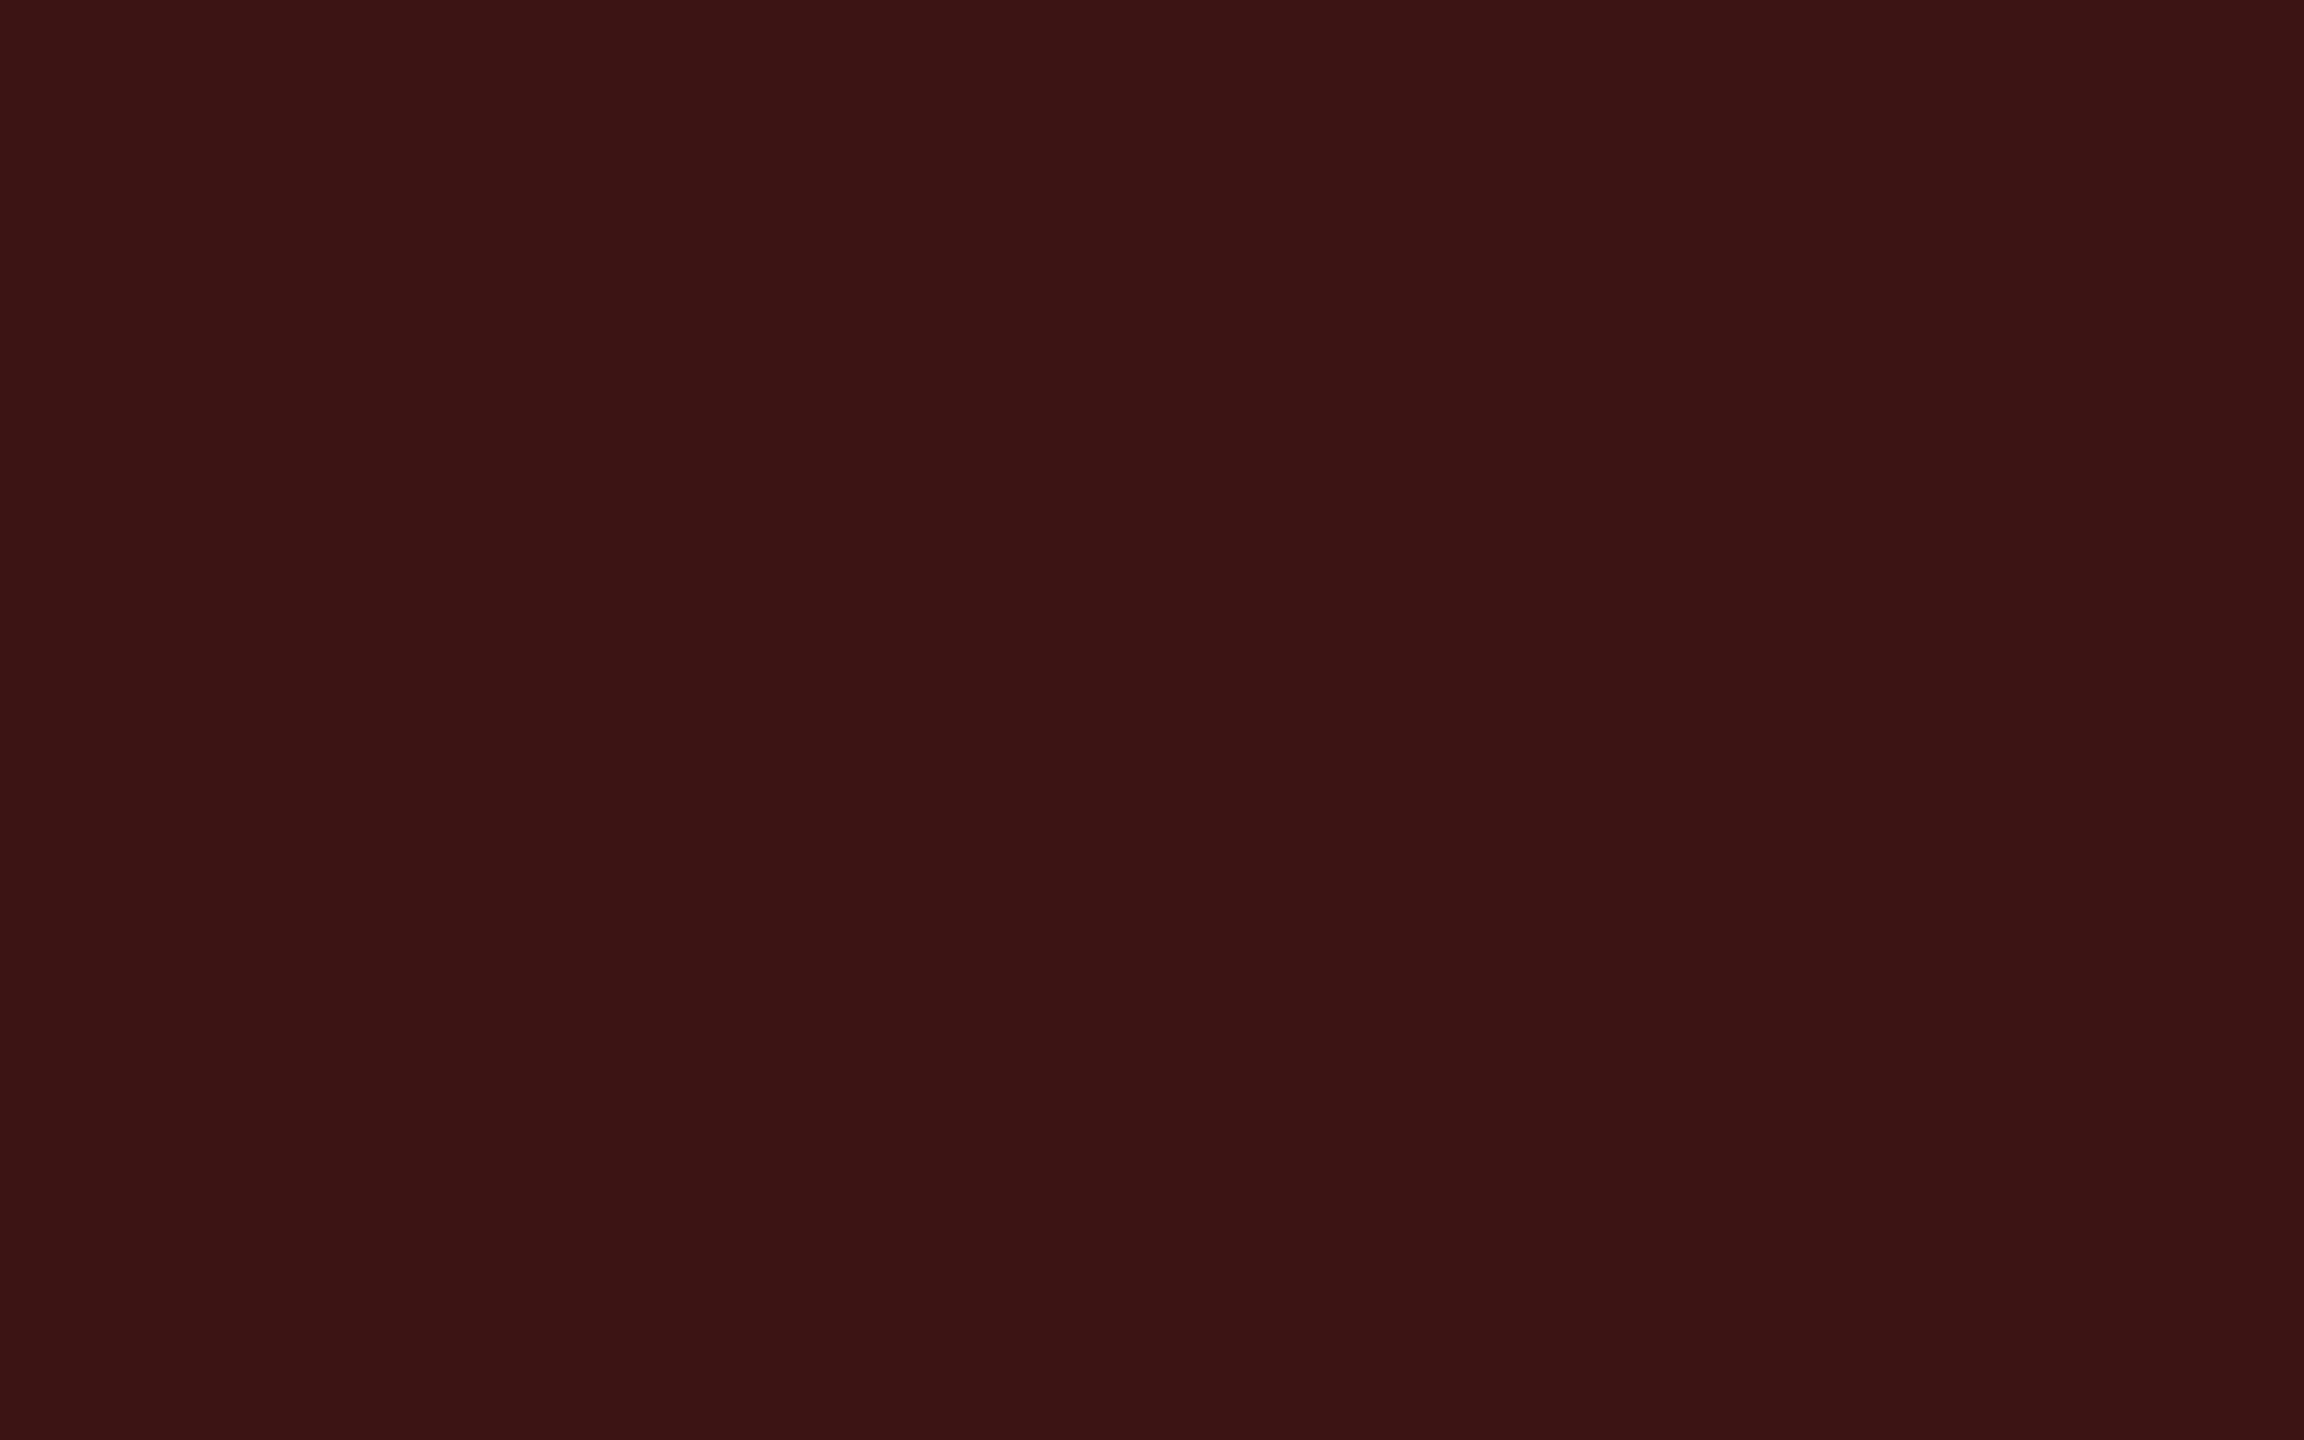 2304x1440 Dark Sienna Solid Color Background